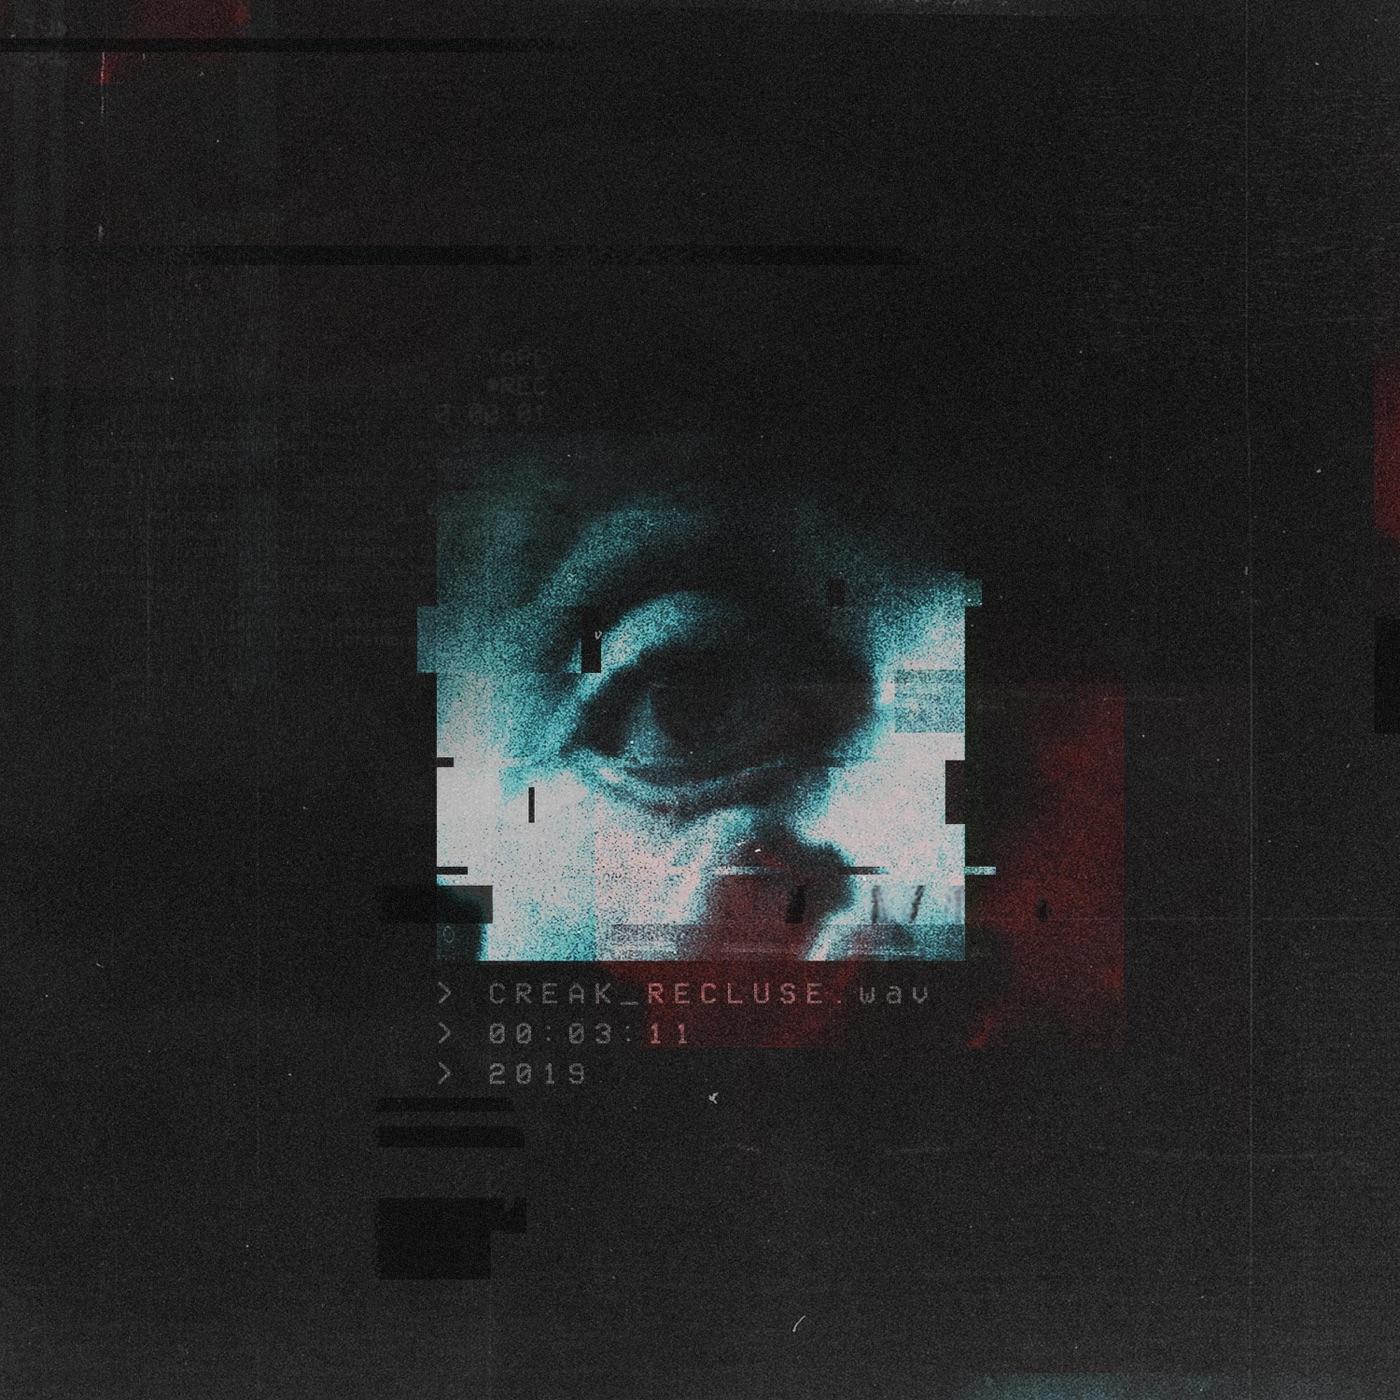 Creak - Recluse [single] (2019)